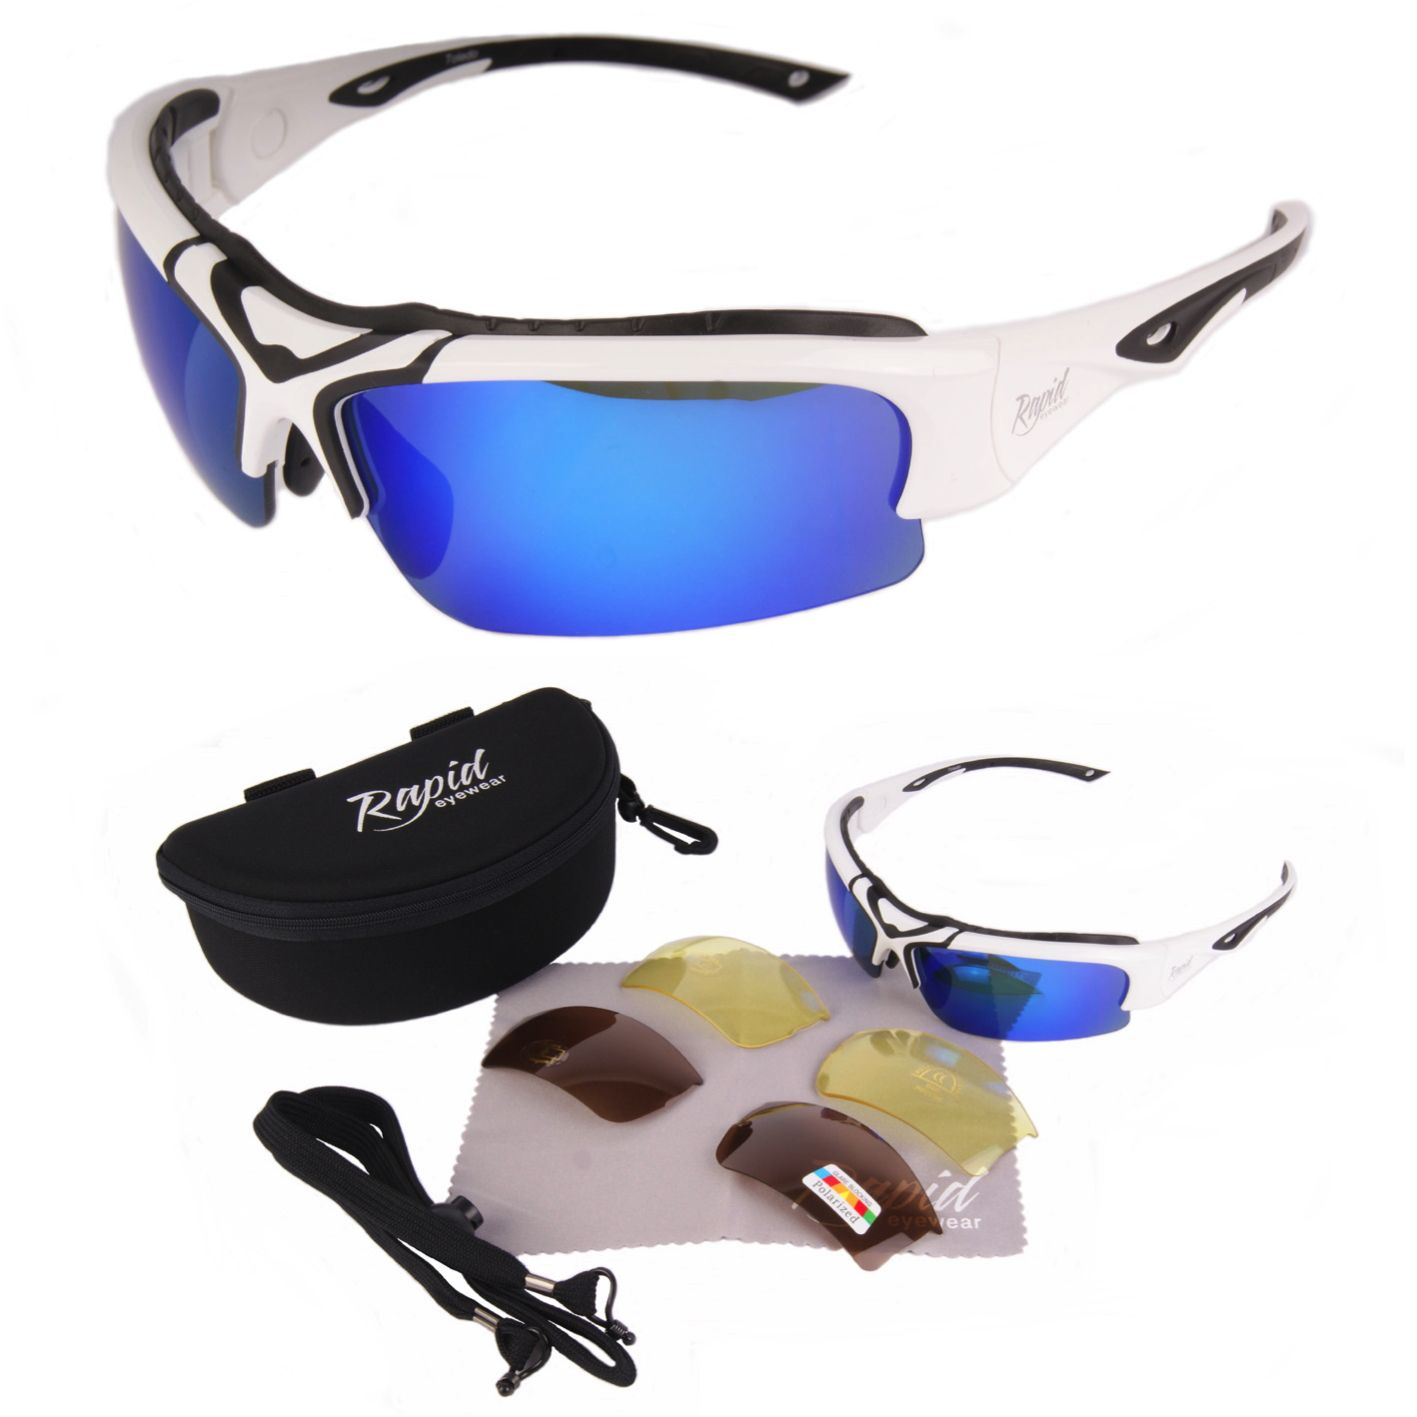 Toledo Sunglasses For Athletics Running sunglasses